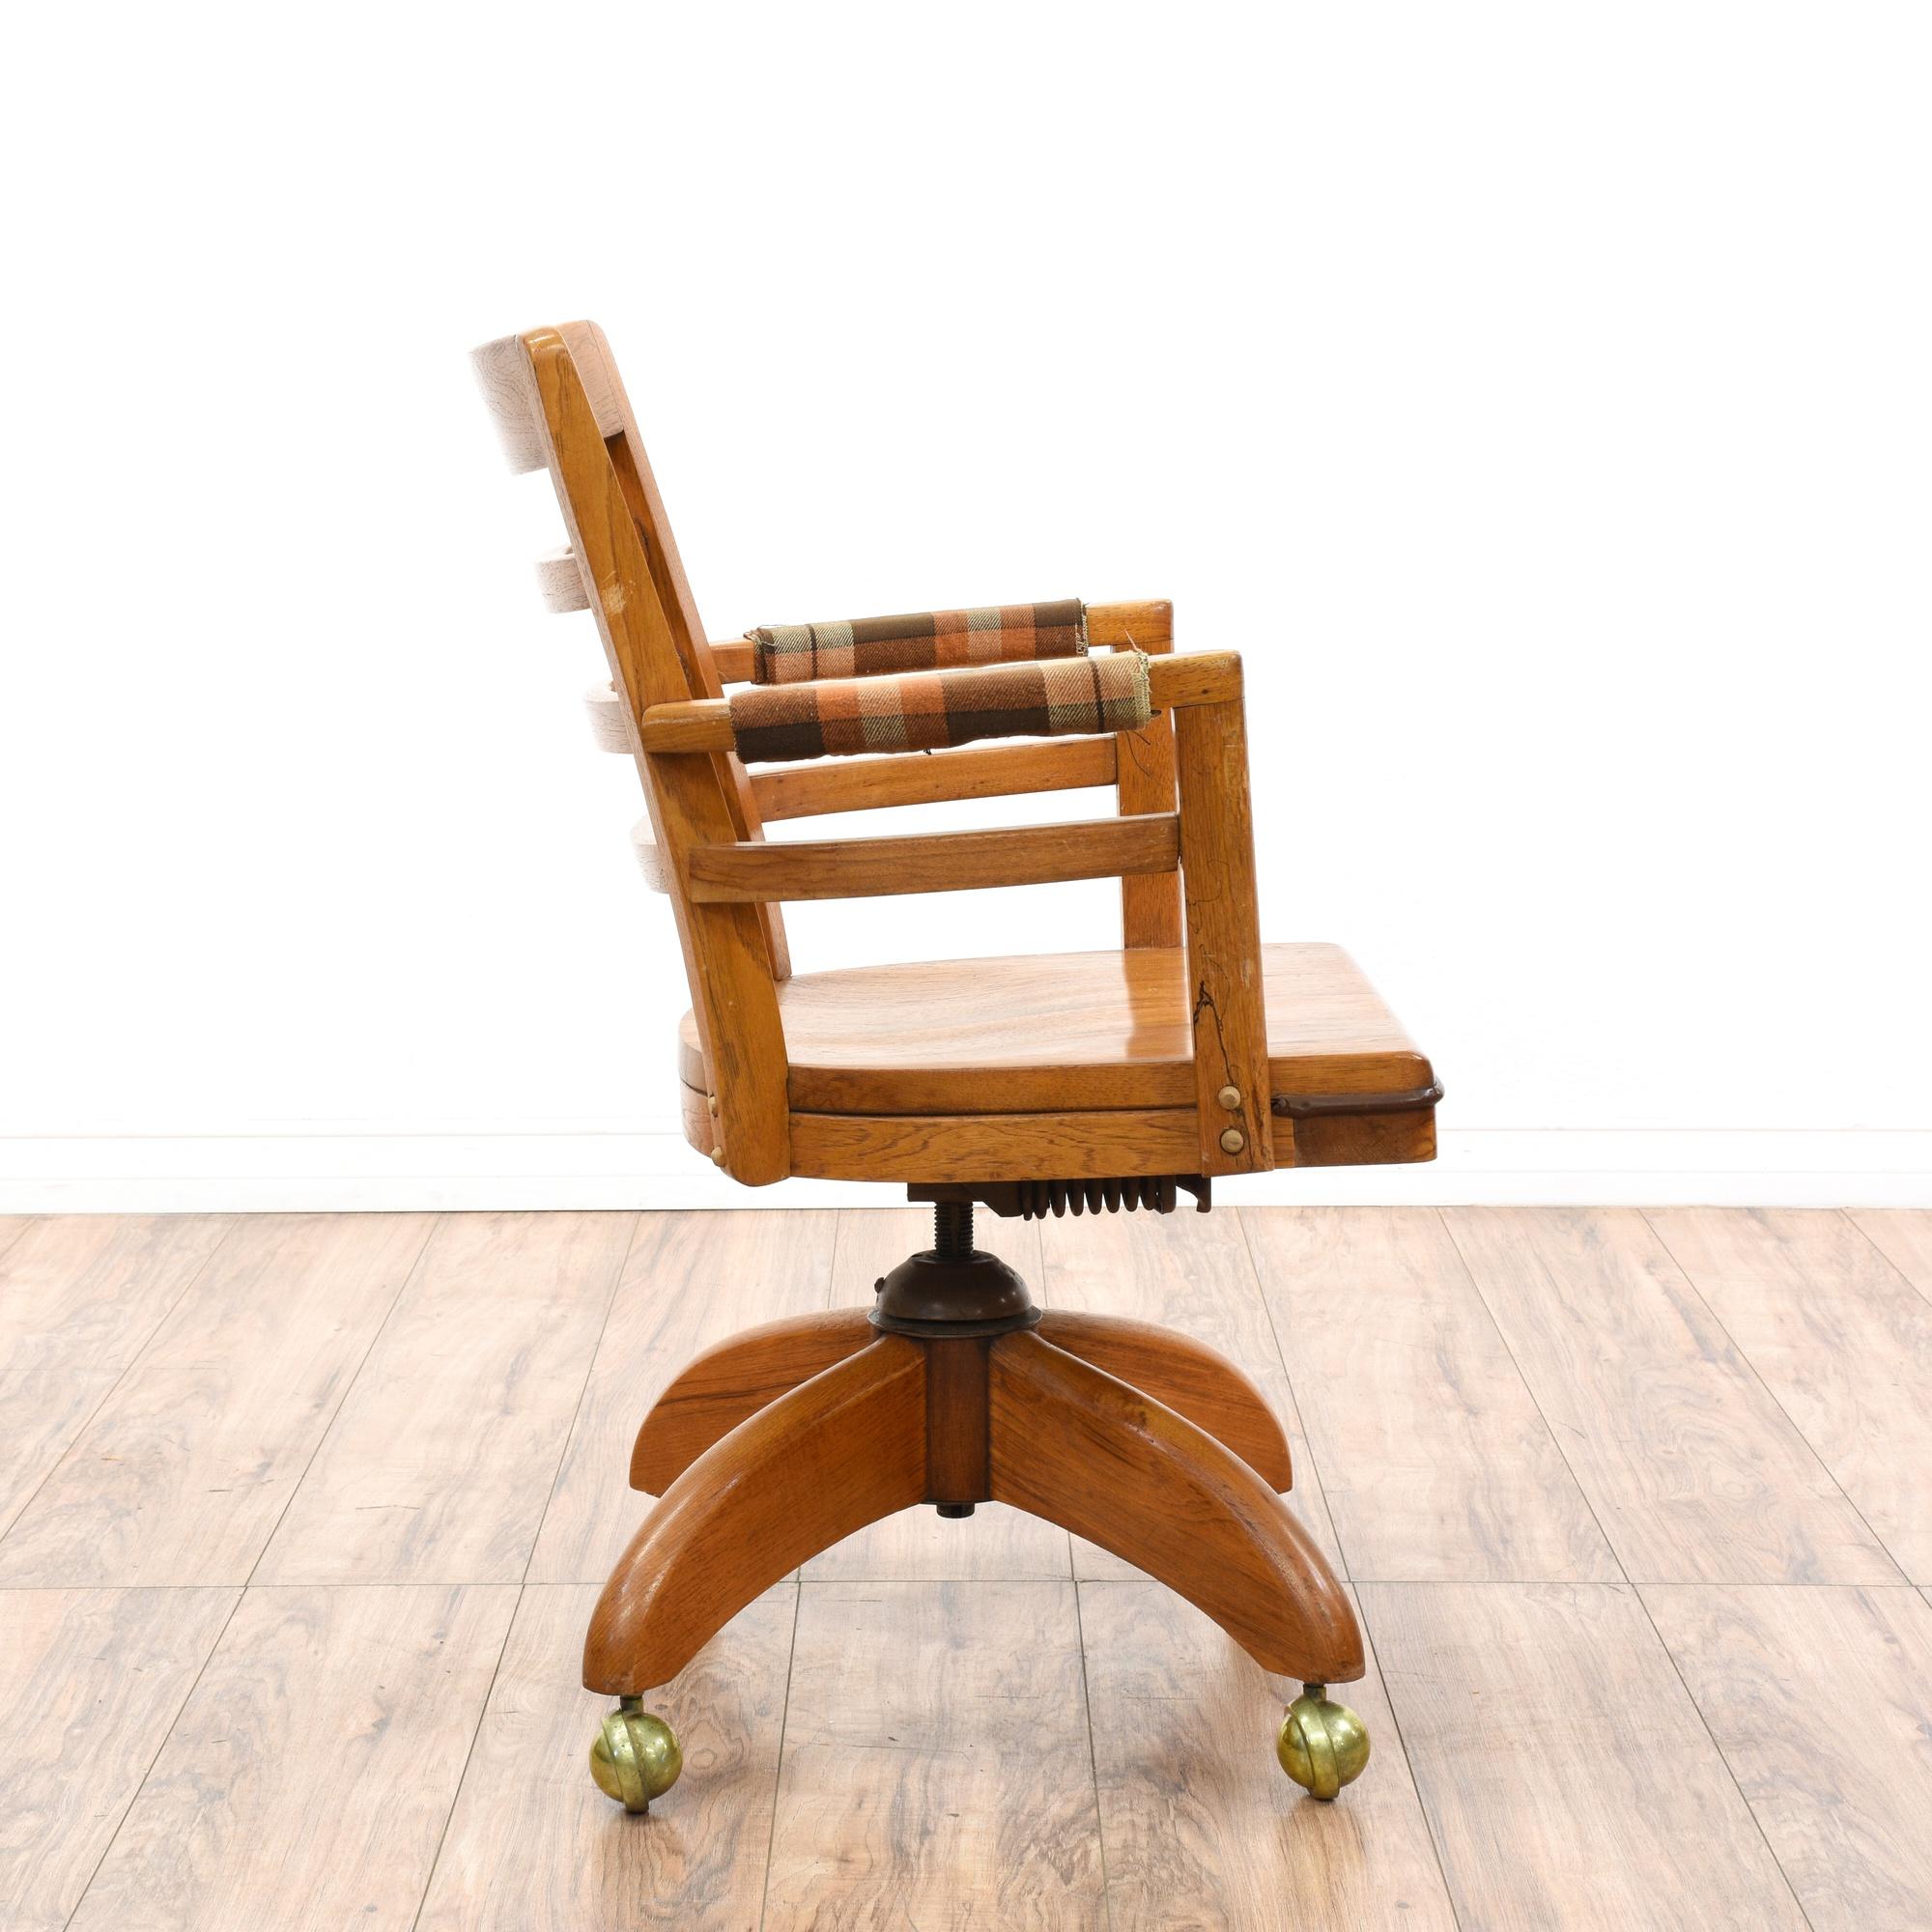 Traditional Oak Office Desk Chair